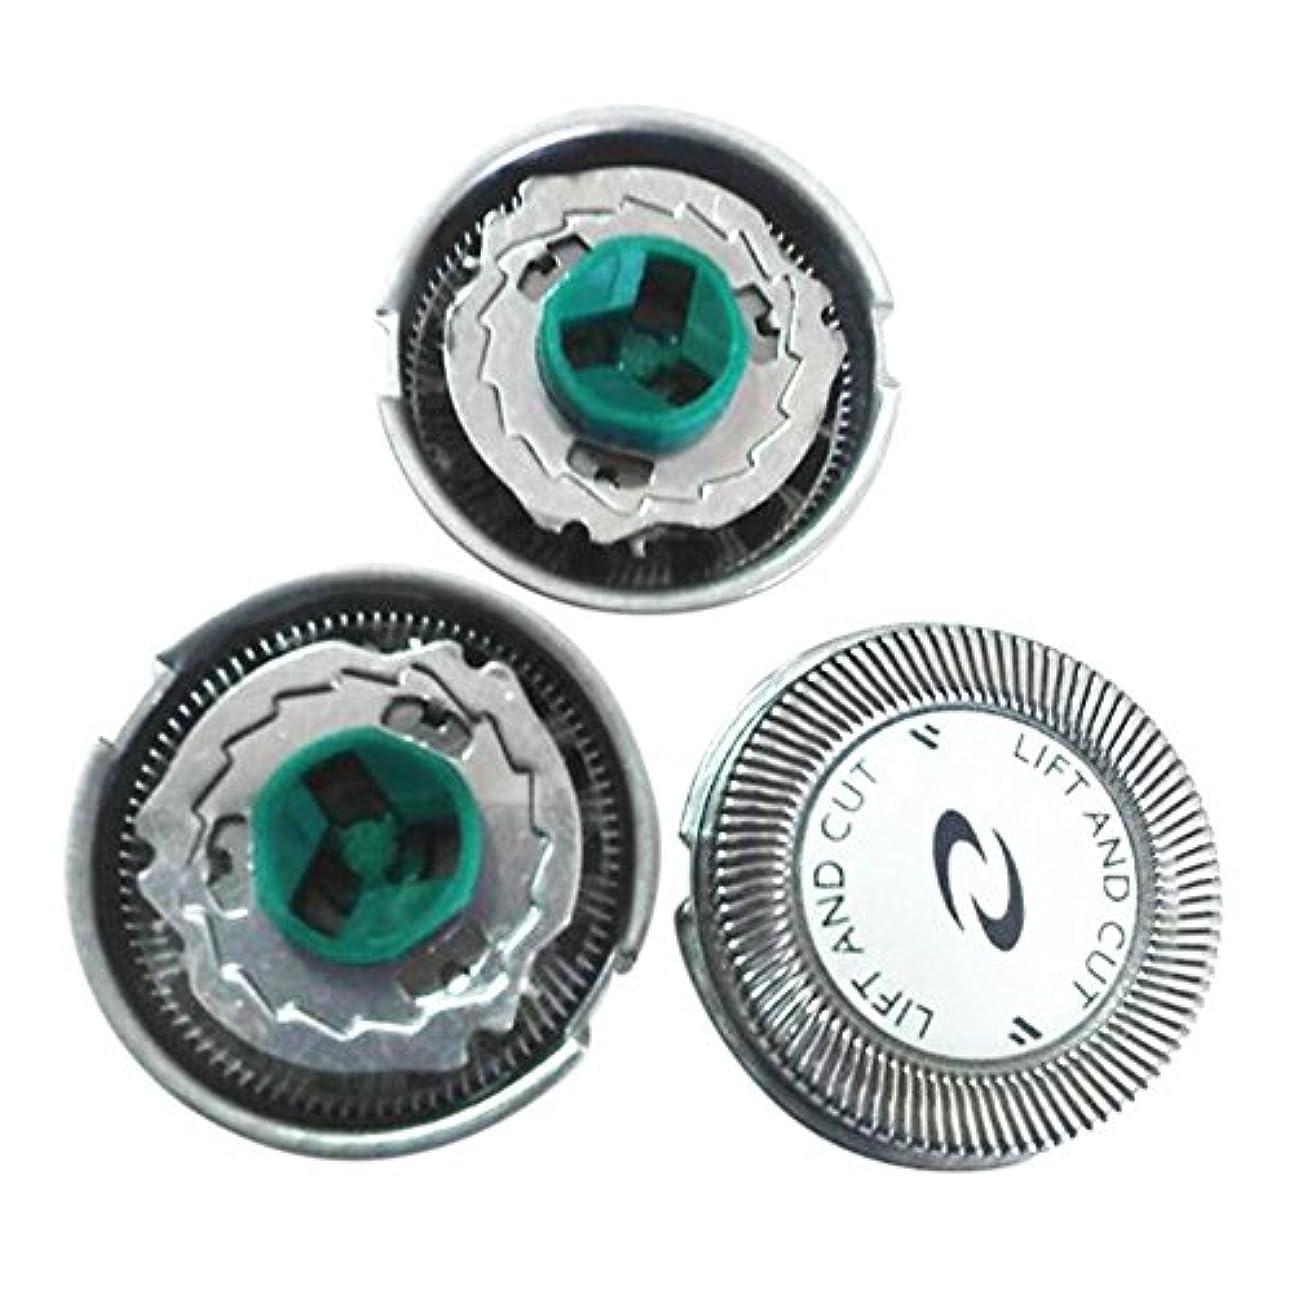 ポール電子レンジ区HZjundasi 3x Replacement シェーバーヘッドフォイル+Cutters for Philip HQ5705/5710 PT720 AT750